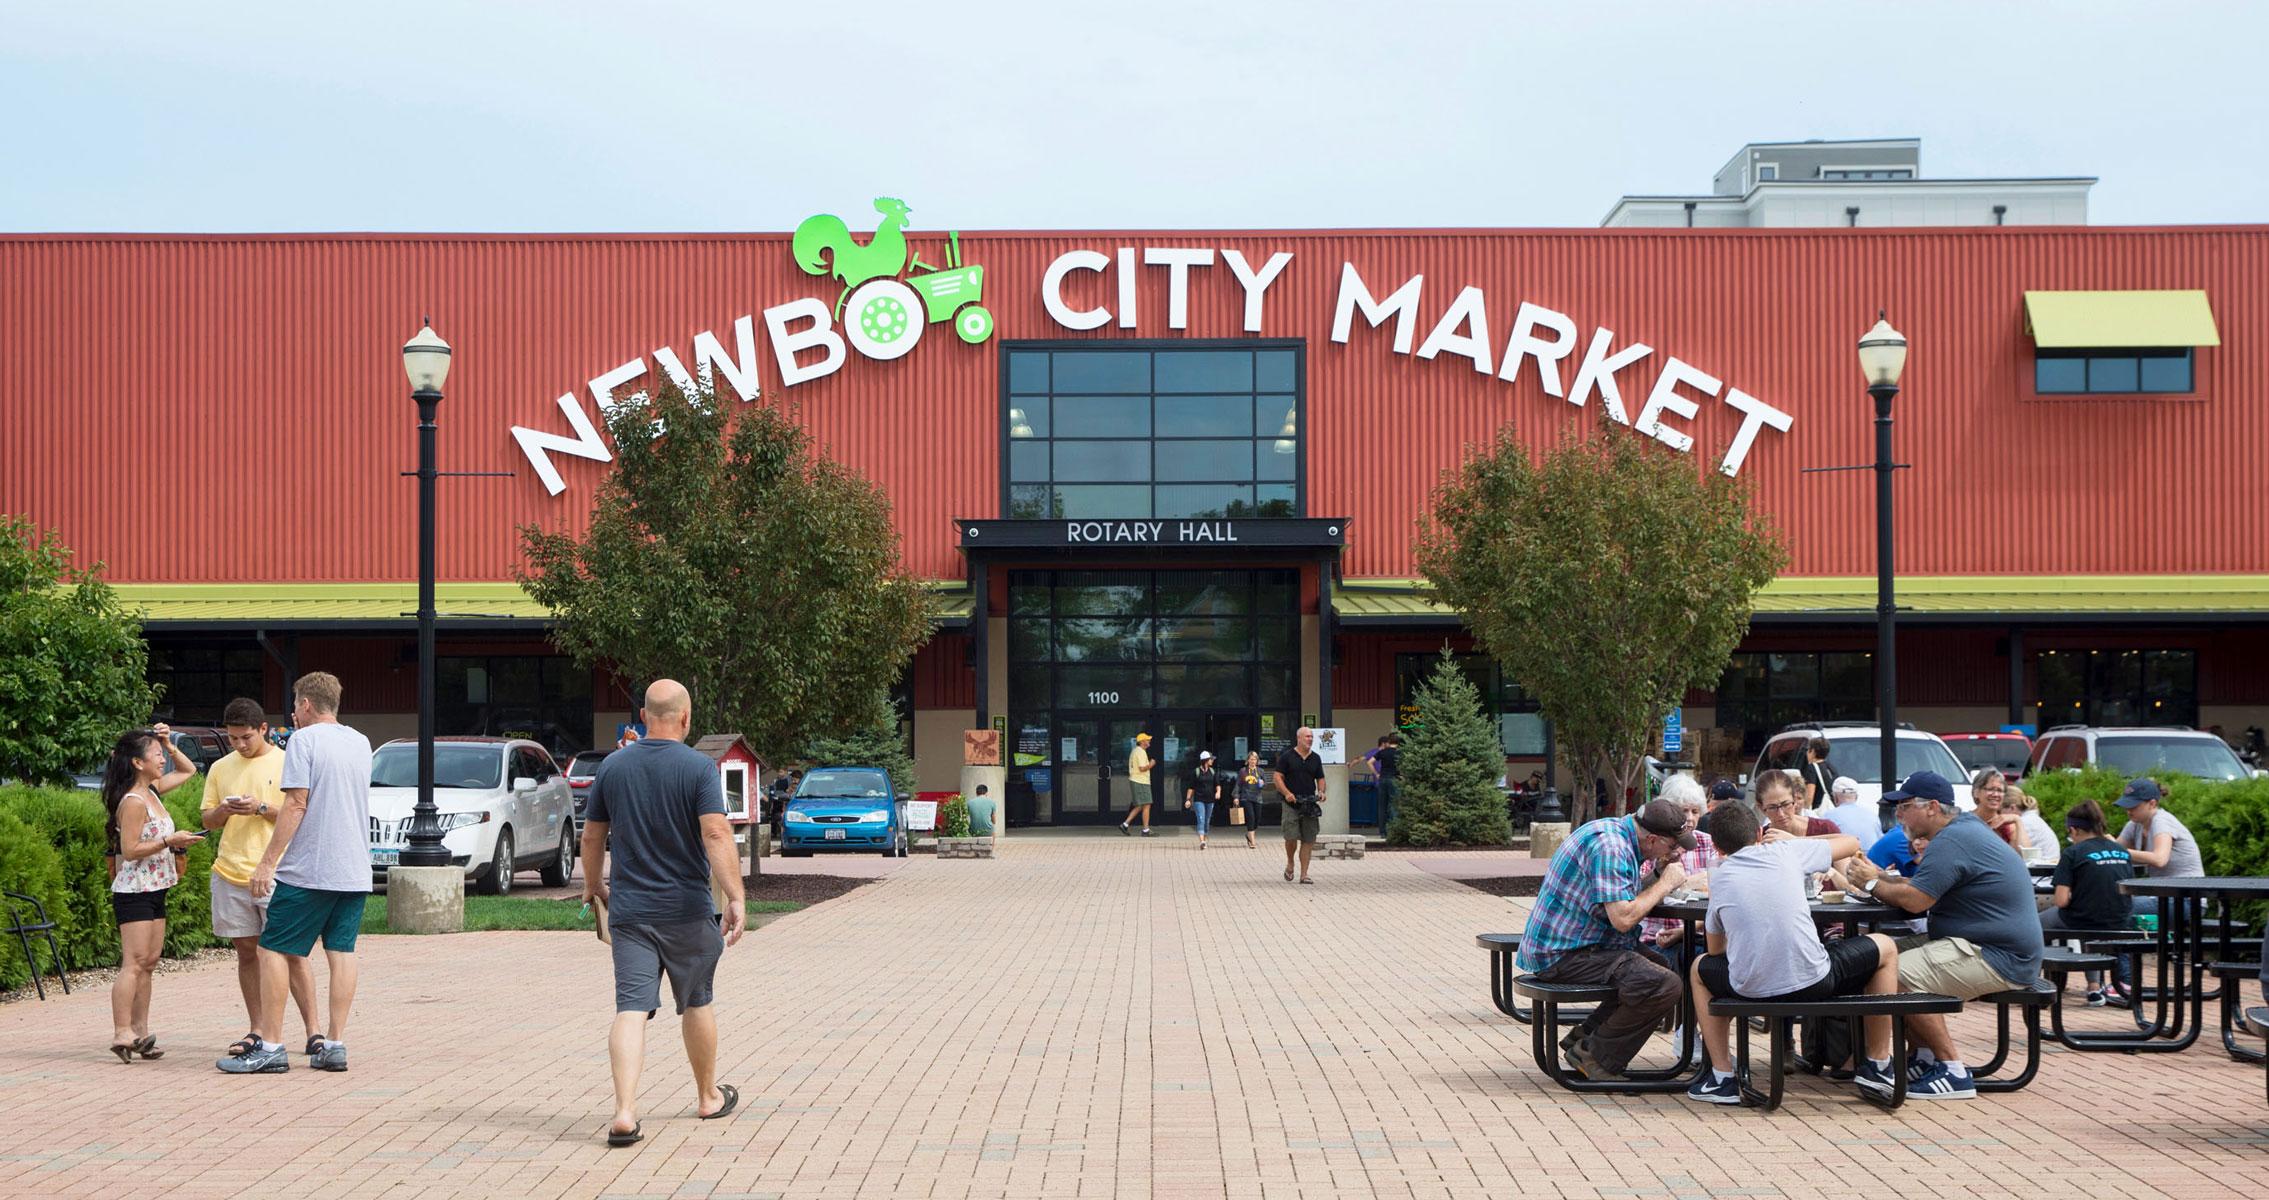 NewBo City Market.